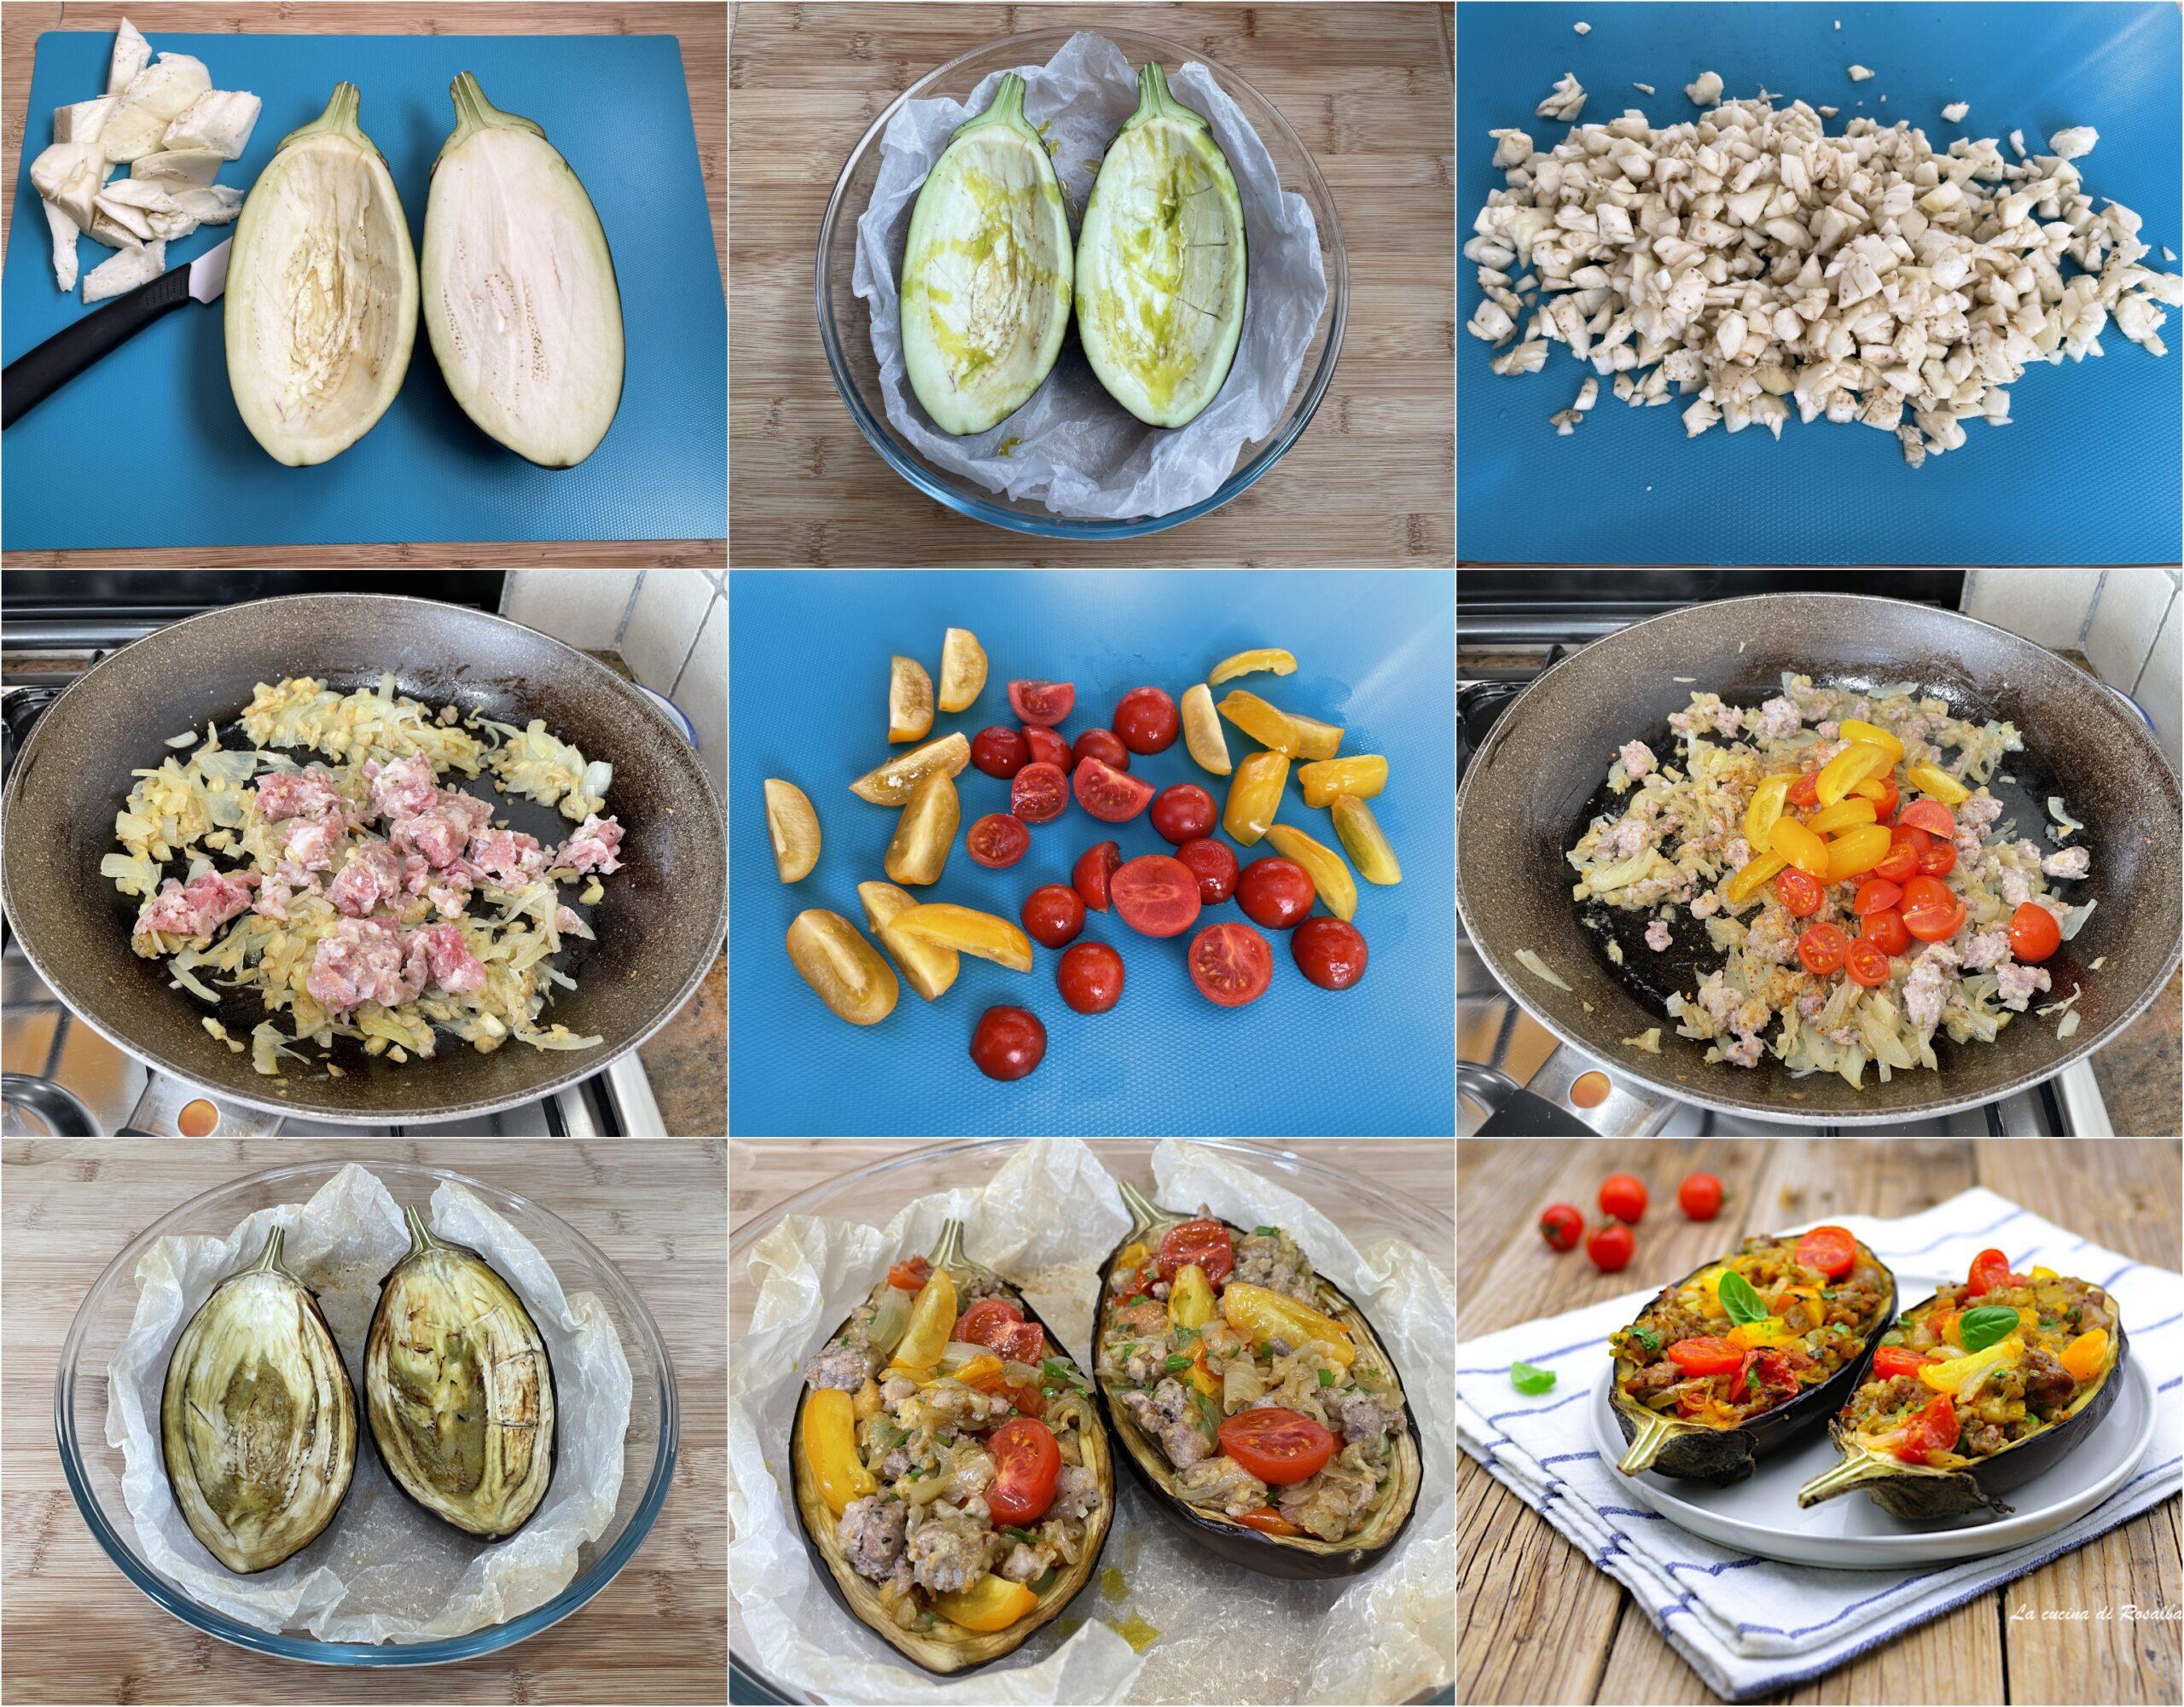 come fare le melanzane ripiene di salsiccia e pomodorini, ricetta e foto